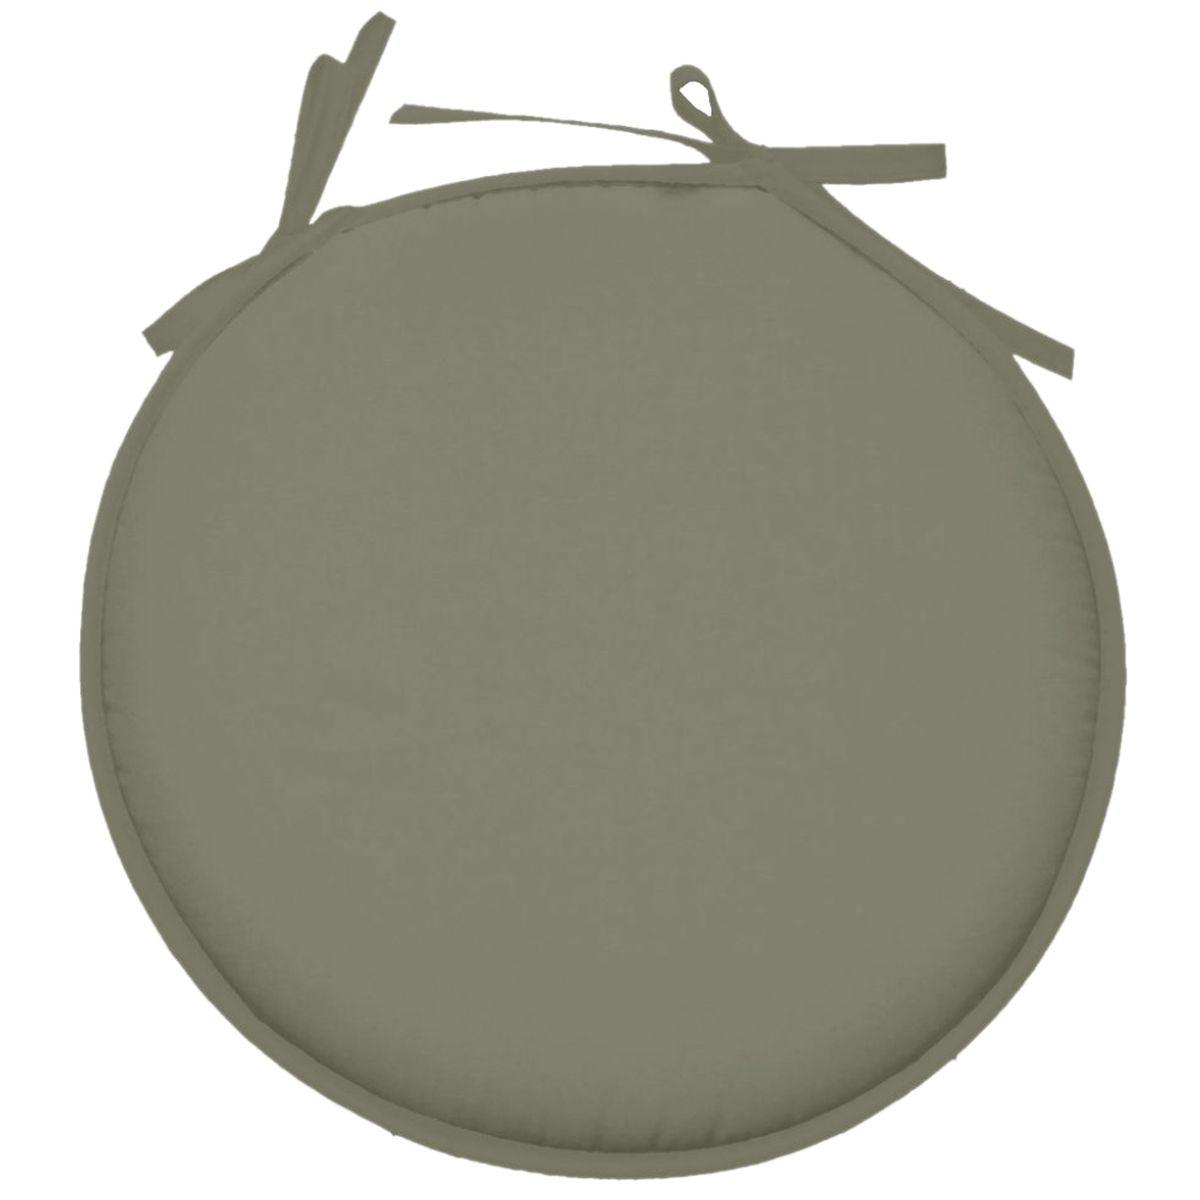 Galette de chaise polyester gris souris D40cm